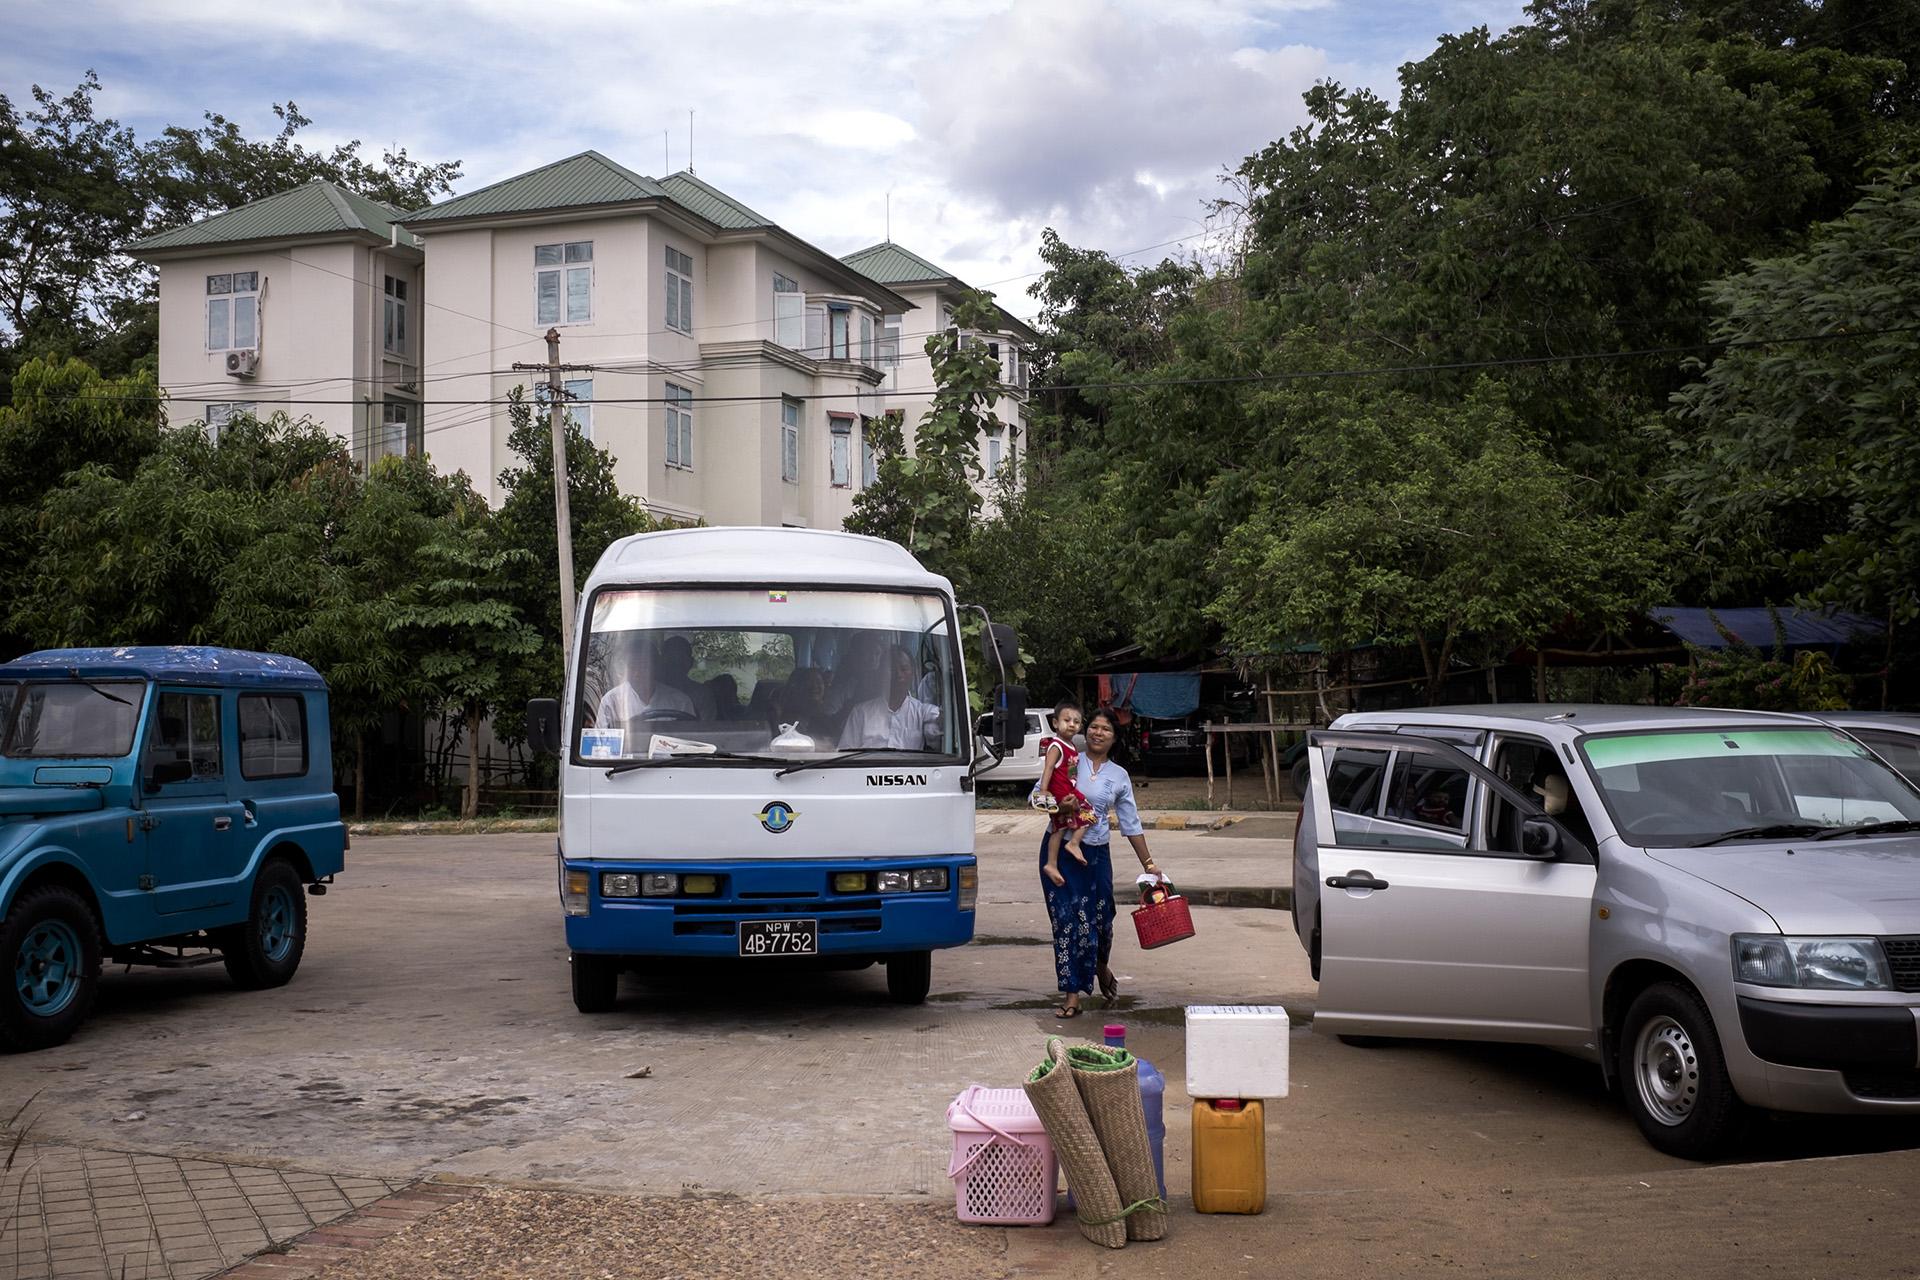 Un mini bus ramène des travailleurs de l'hopital dans les ensembles de logement qui leur sont attribués. Naypyidaw, Birmanie. Mai 2015.